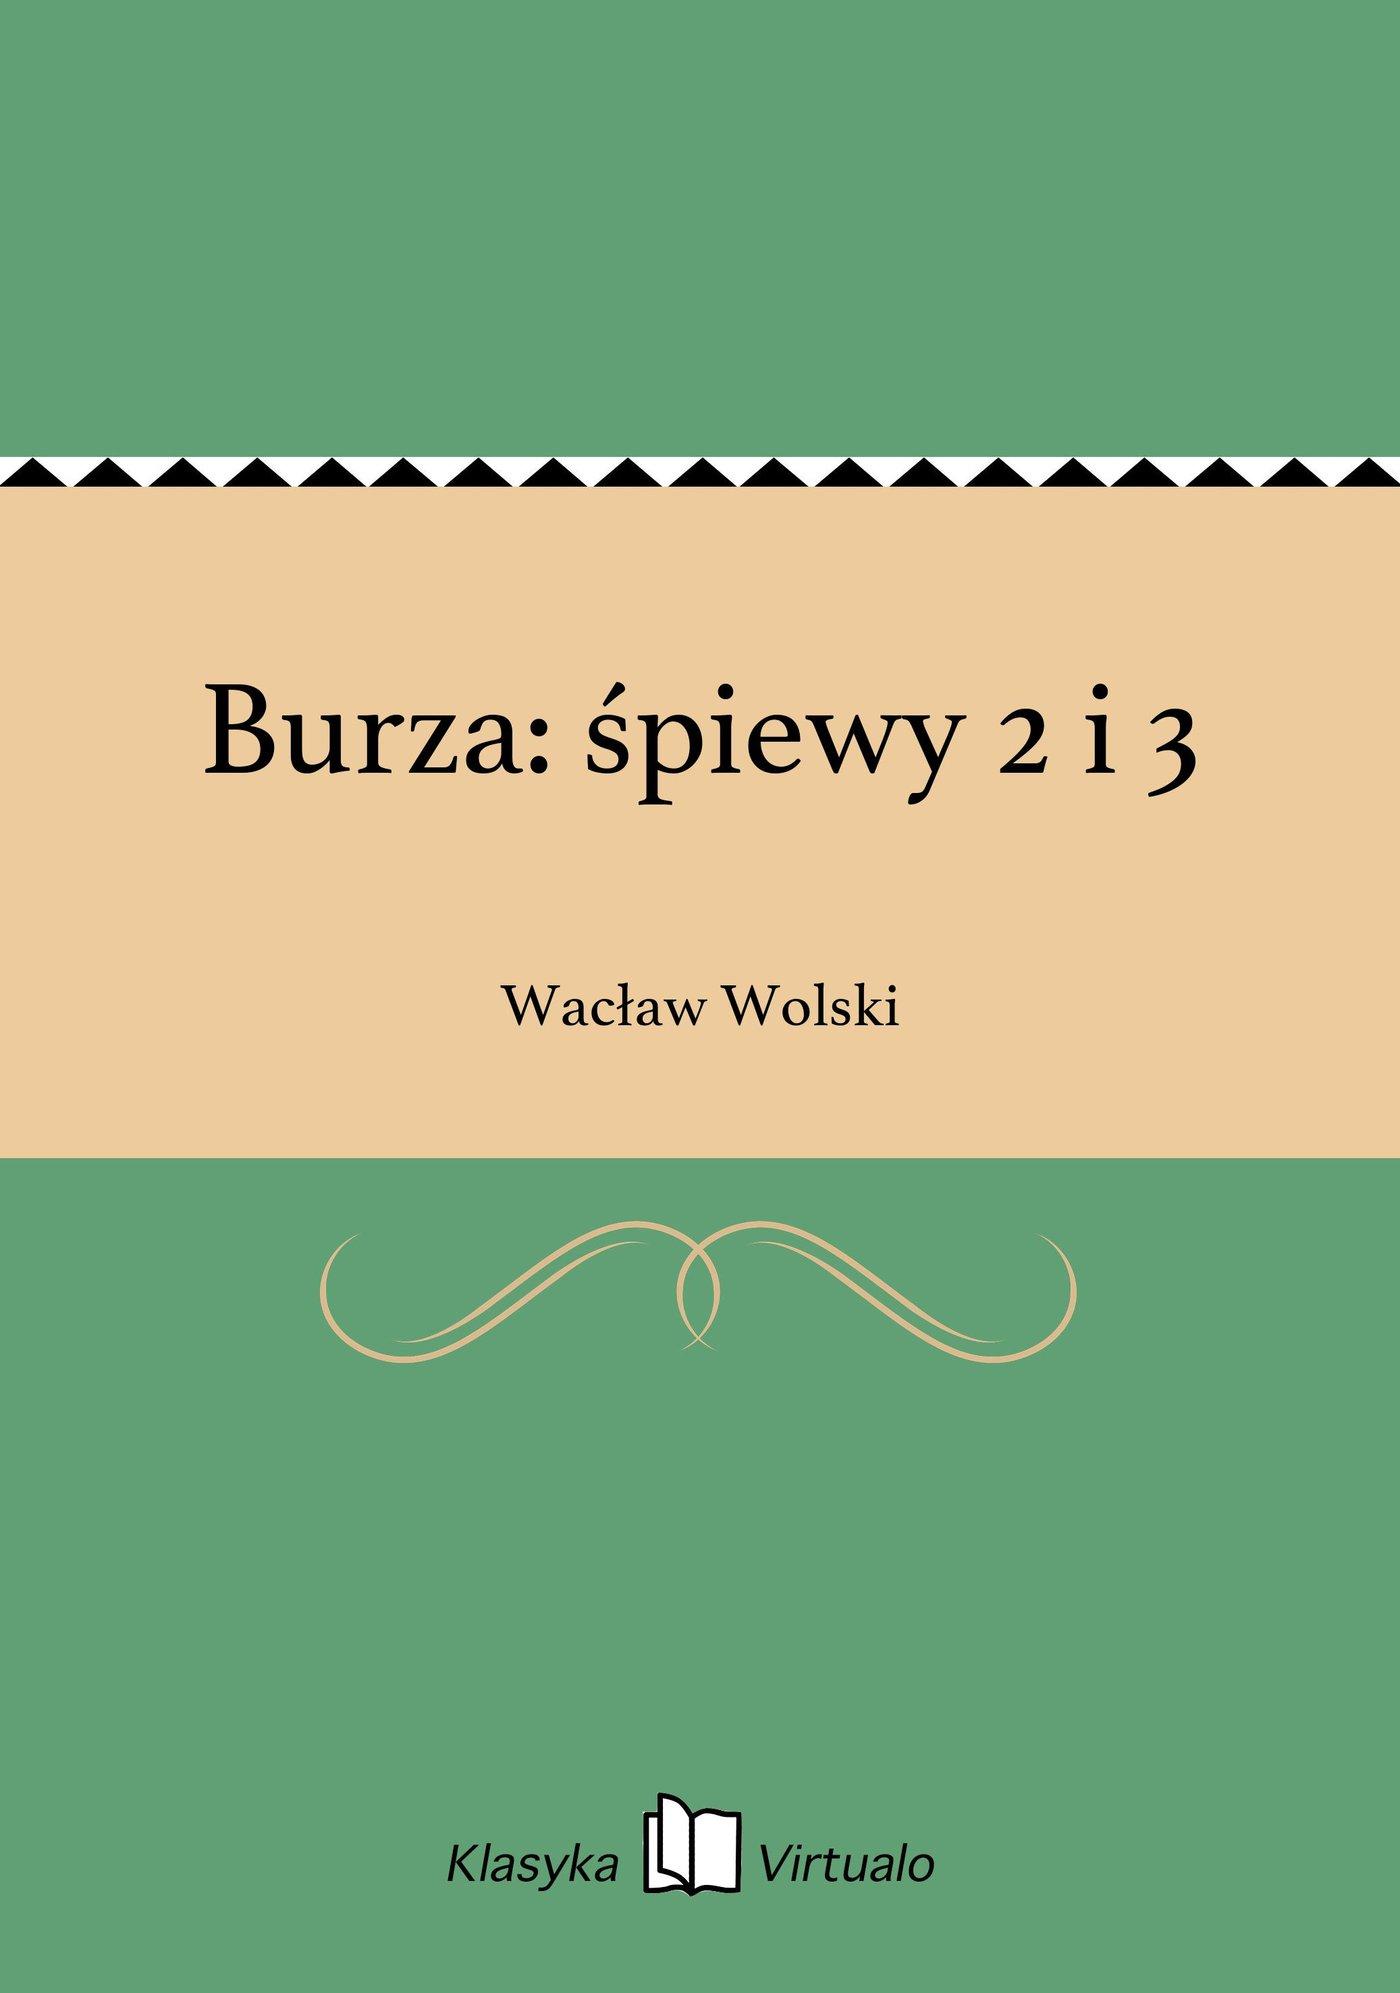 Burza: śpiewy 2 i 3 - Ebook (Książka EPUB) do pobrania w formacie EPUB